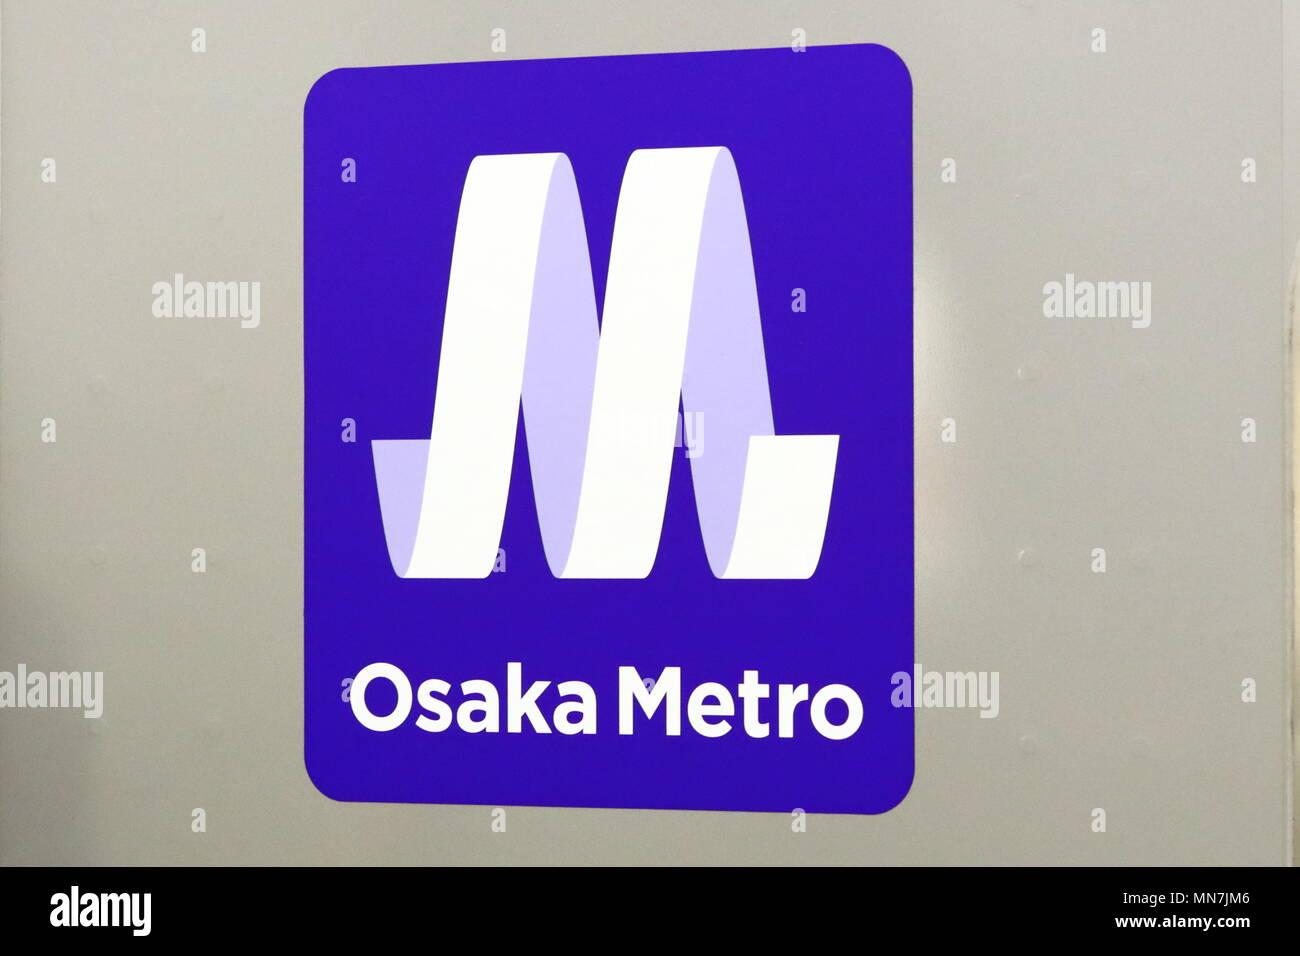 Monday  7th May, 2018  Osaka Metro, the rapid transit